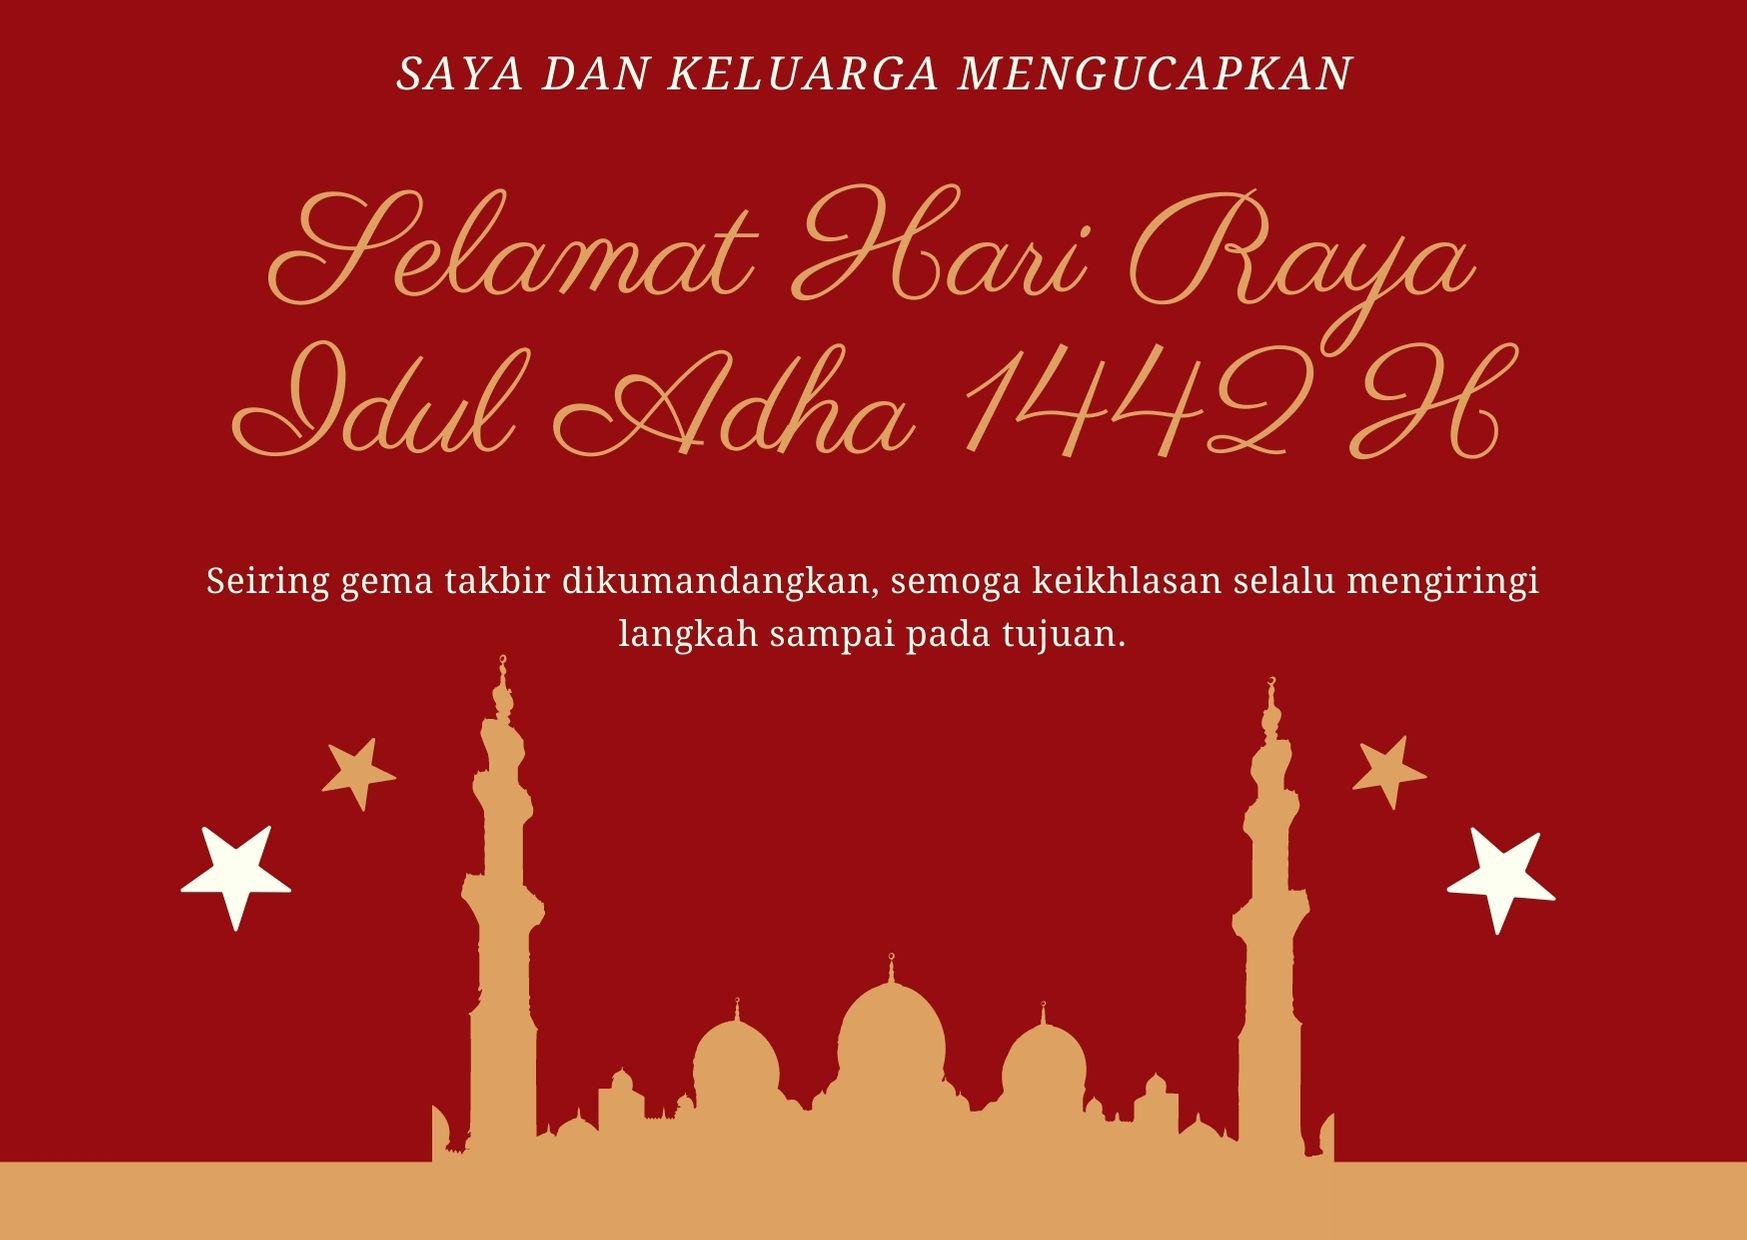 Kartu Ucapan Selamat Idul Adha Untuk Kerabat Jauh